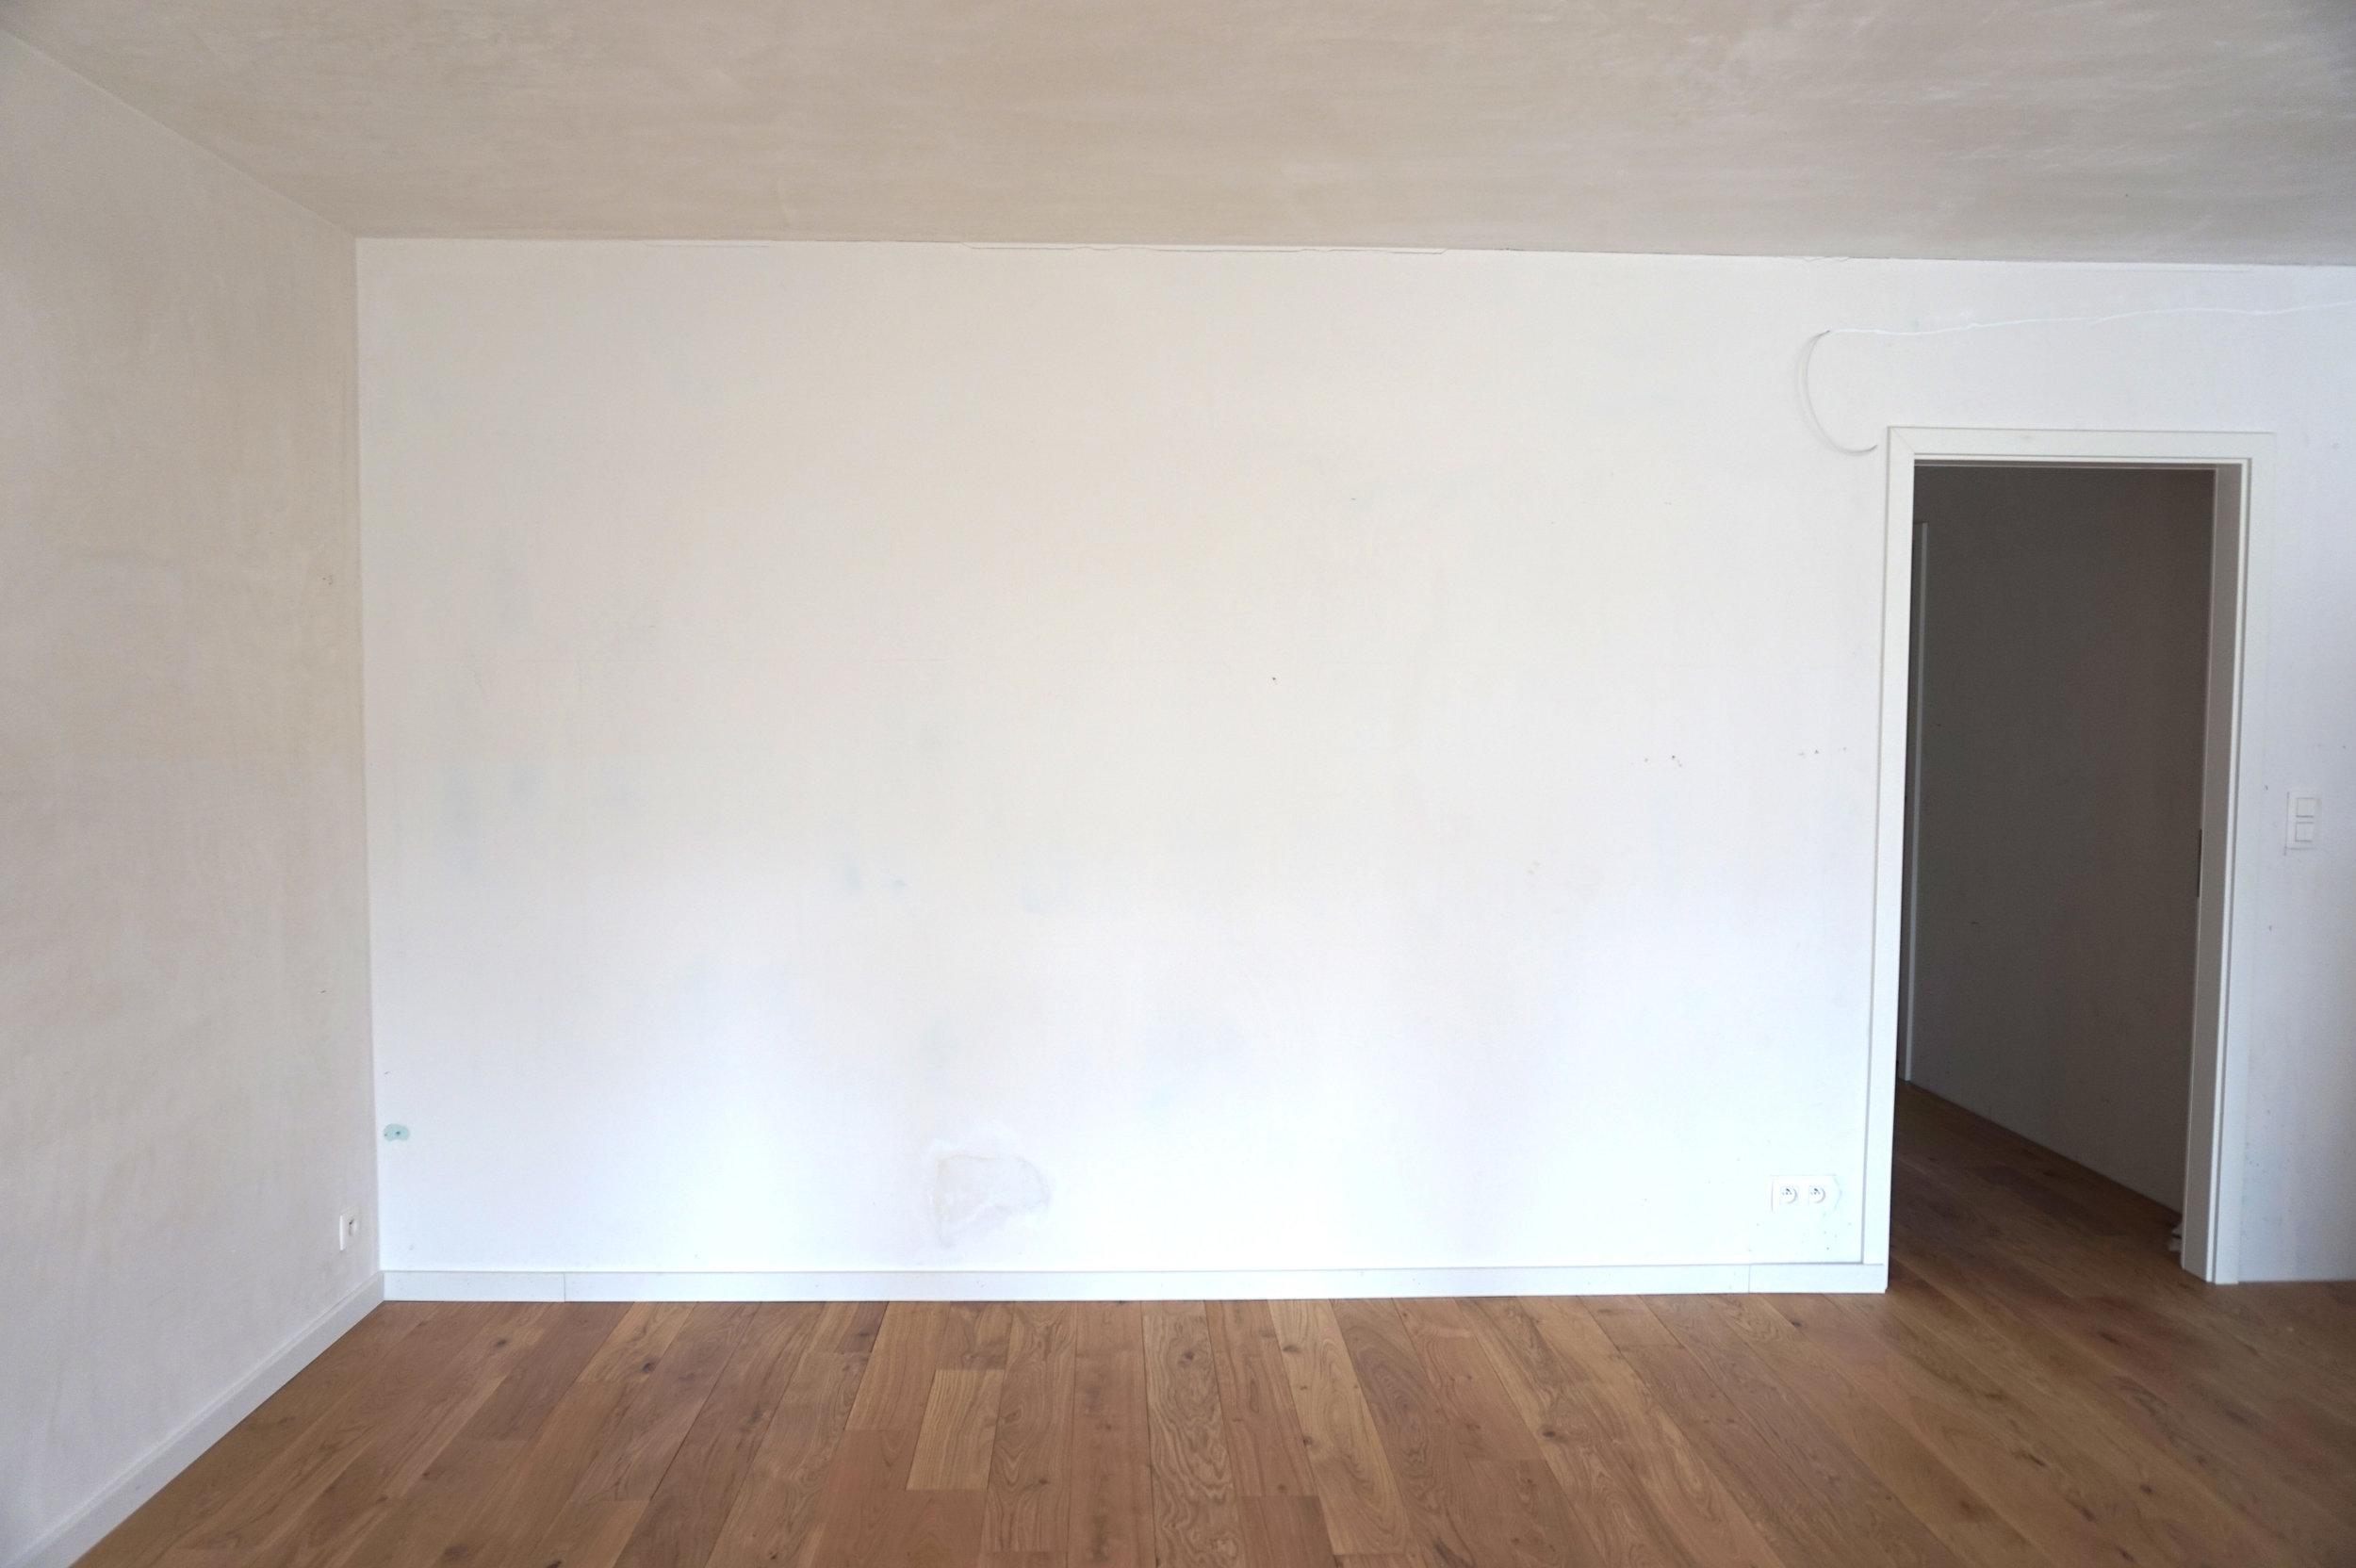 Mur avant fresque 3.jpg